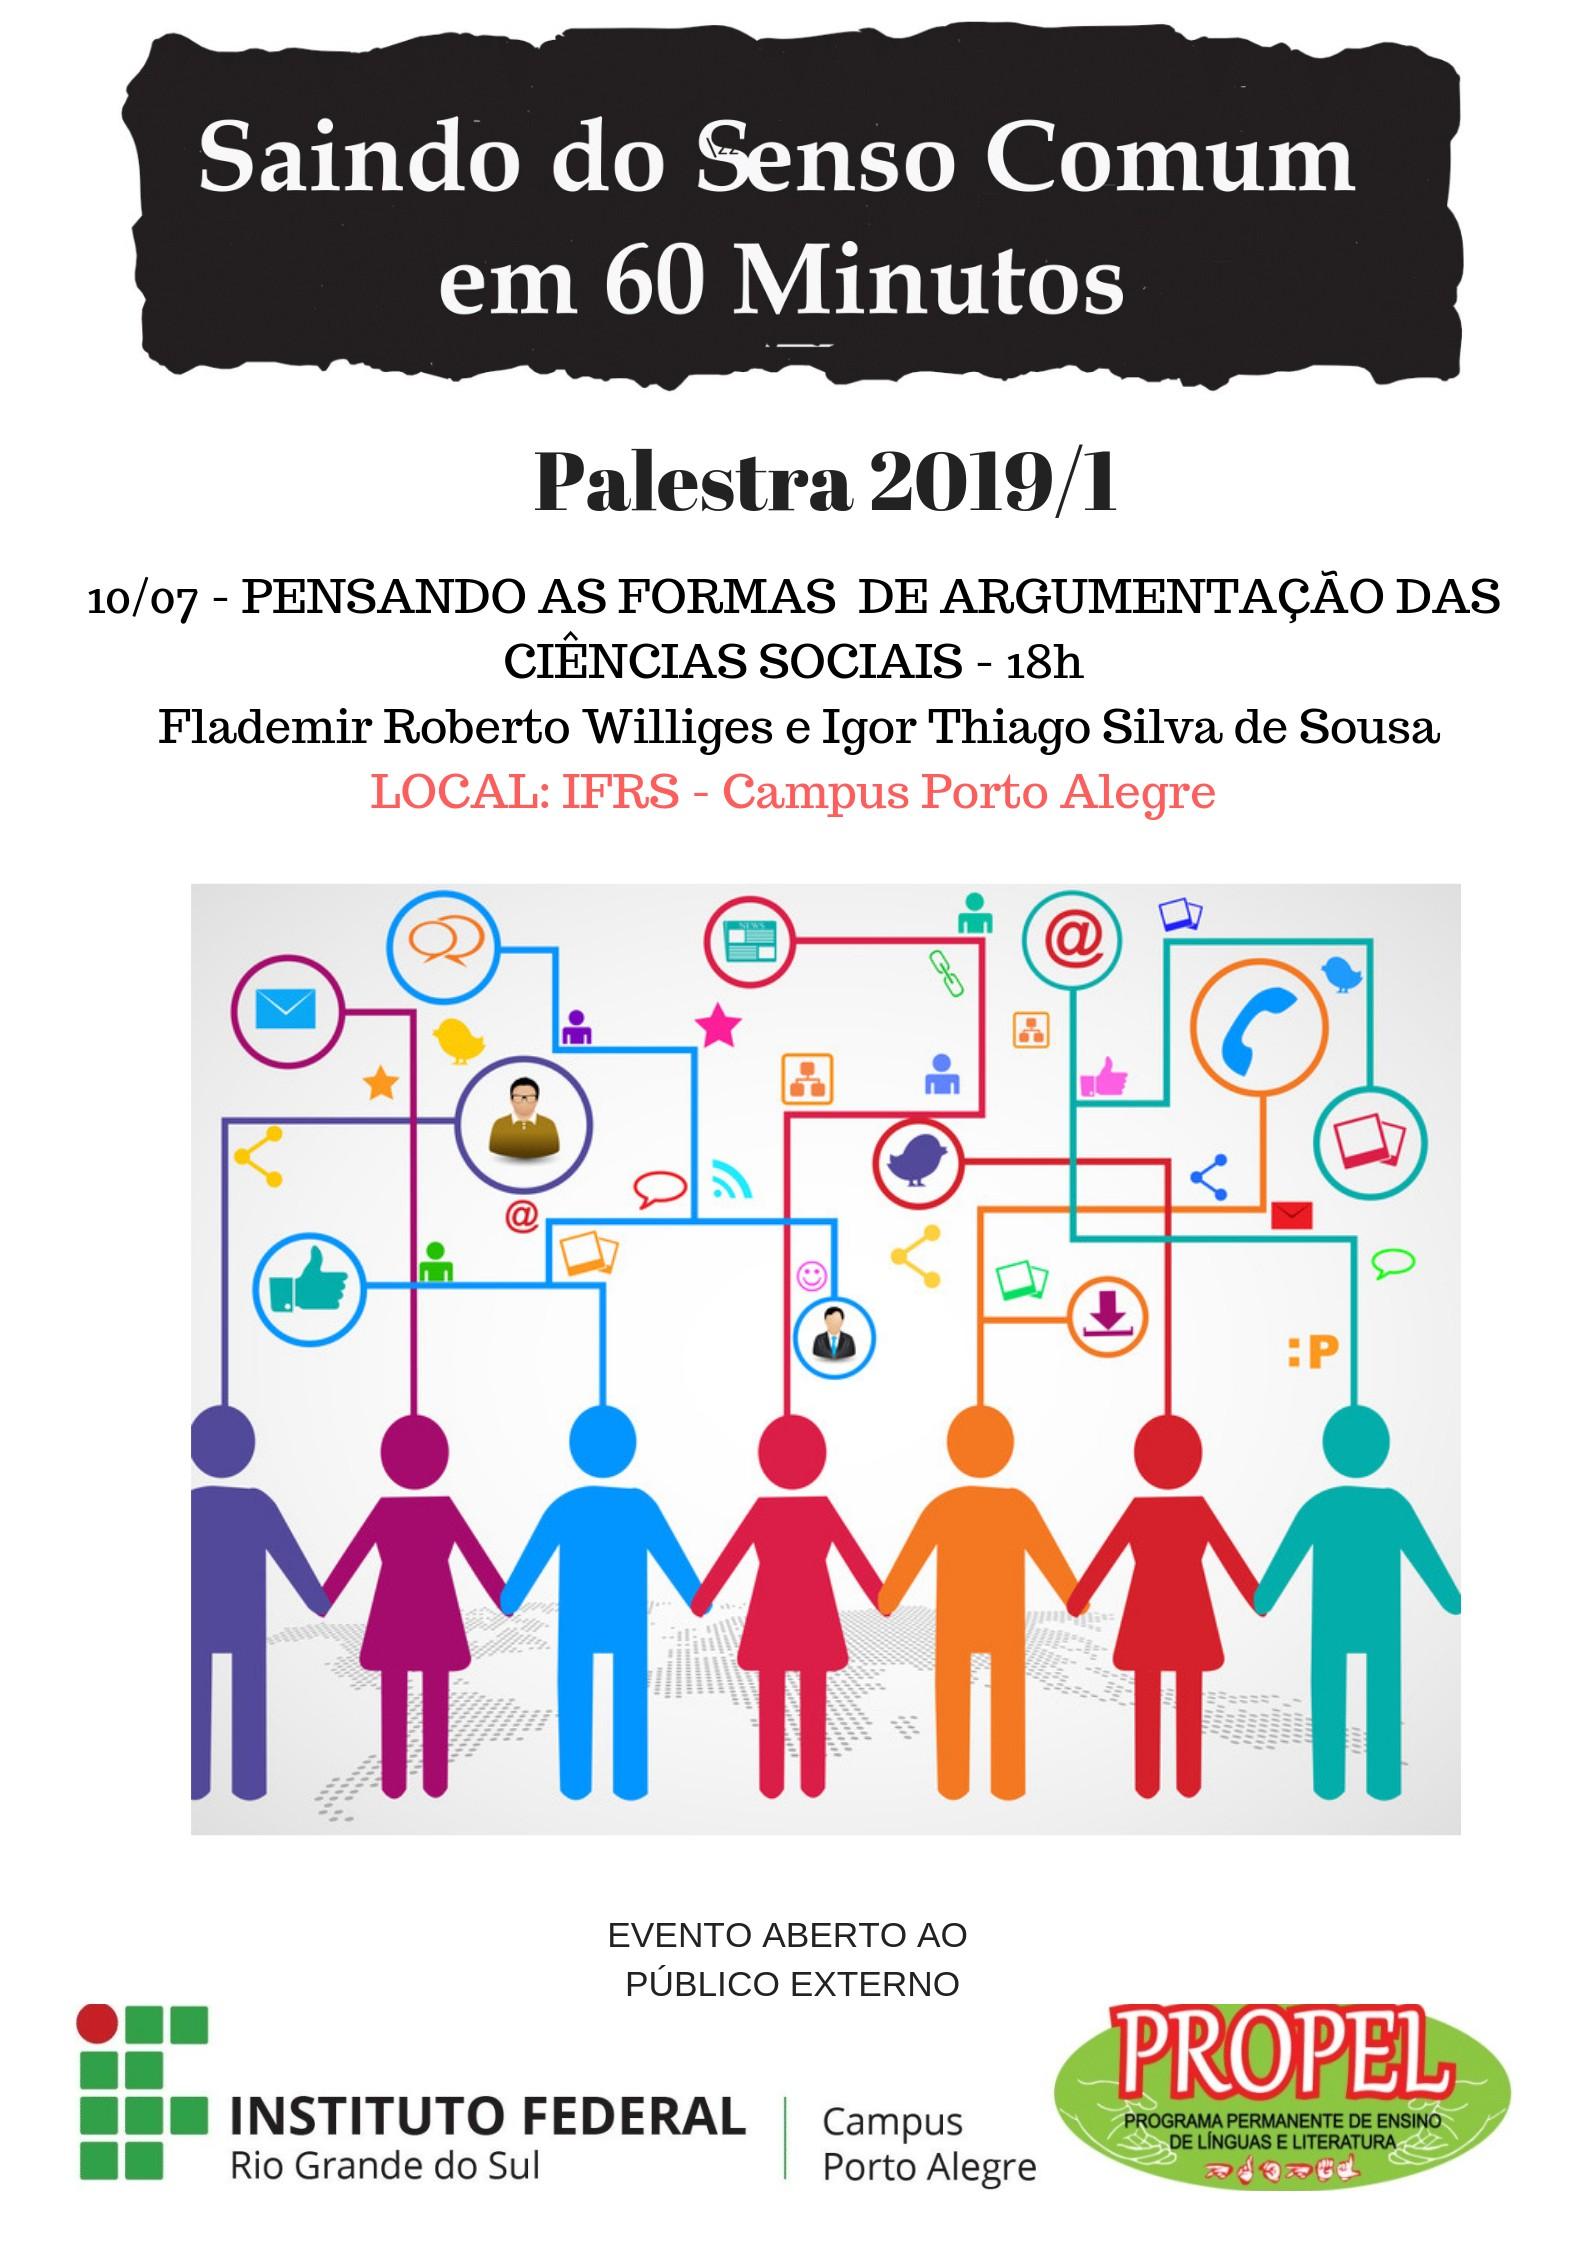 Calendario 2020 Feriados Rs Recientes Notcias Principais ifrs Campus Porto Alegre Of Calendario 2020 Feriados Rs Más Arriba-a-fecha Notcias Principais ifrs Campus Porto Alegre